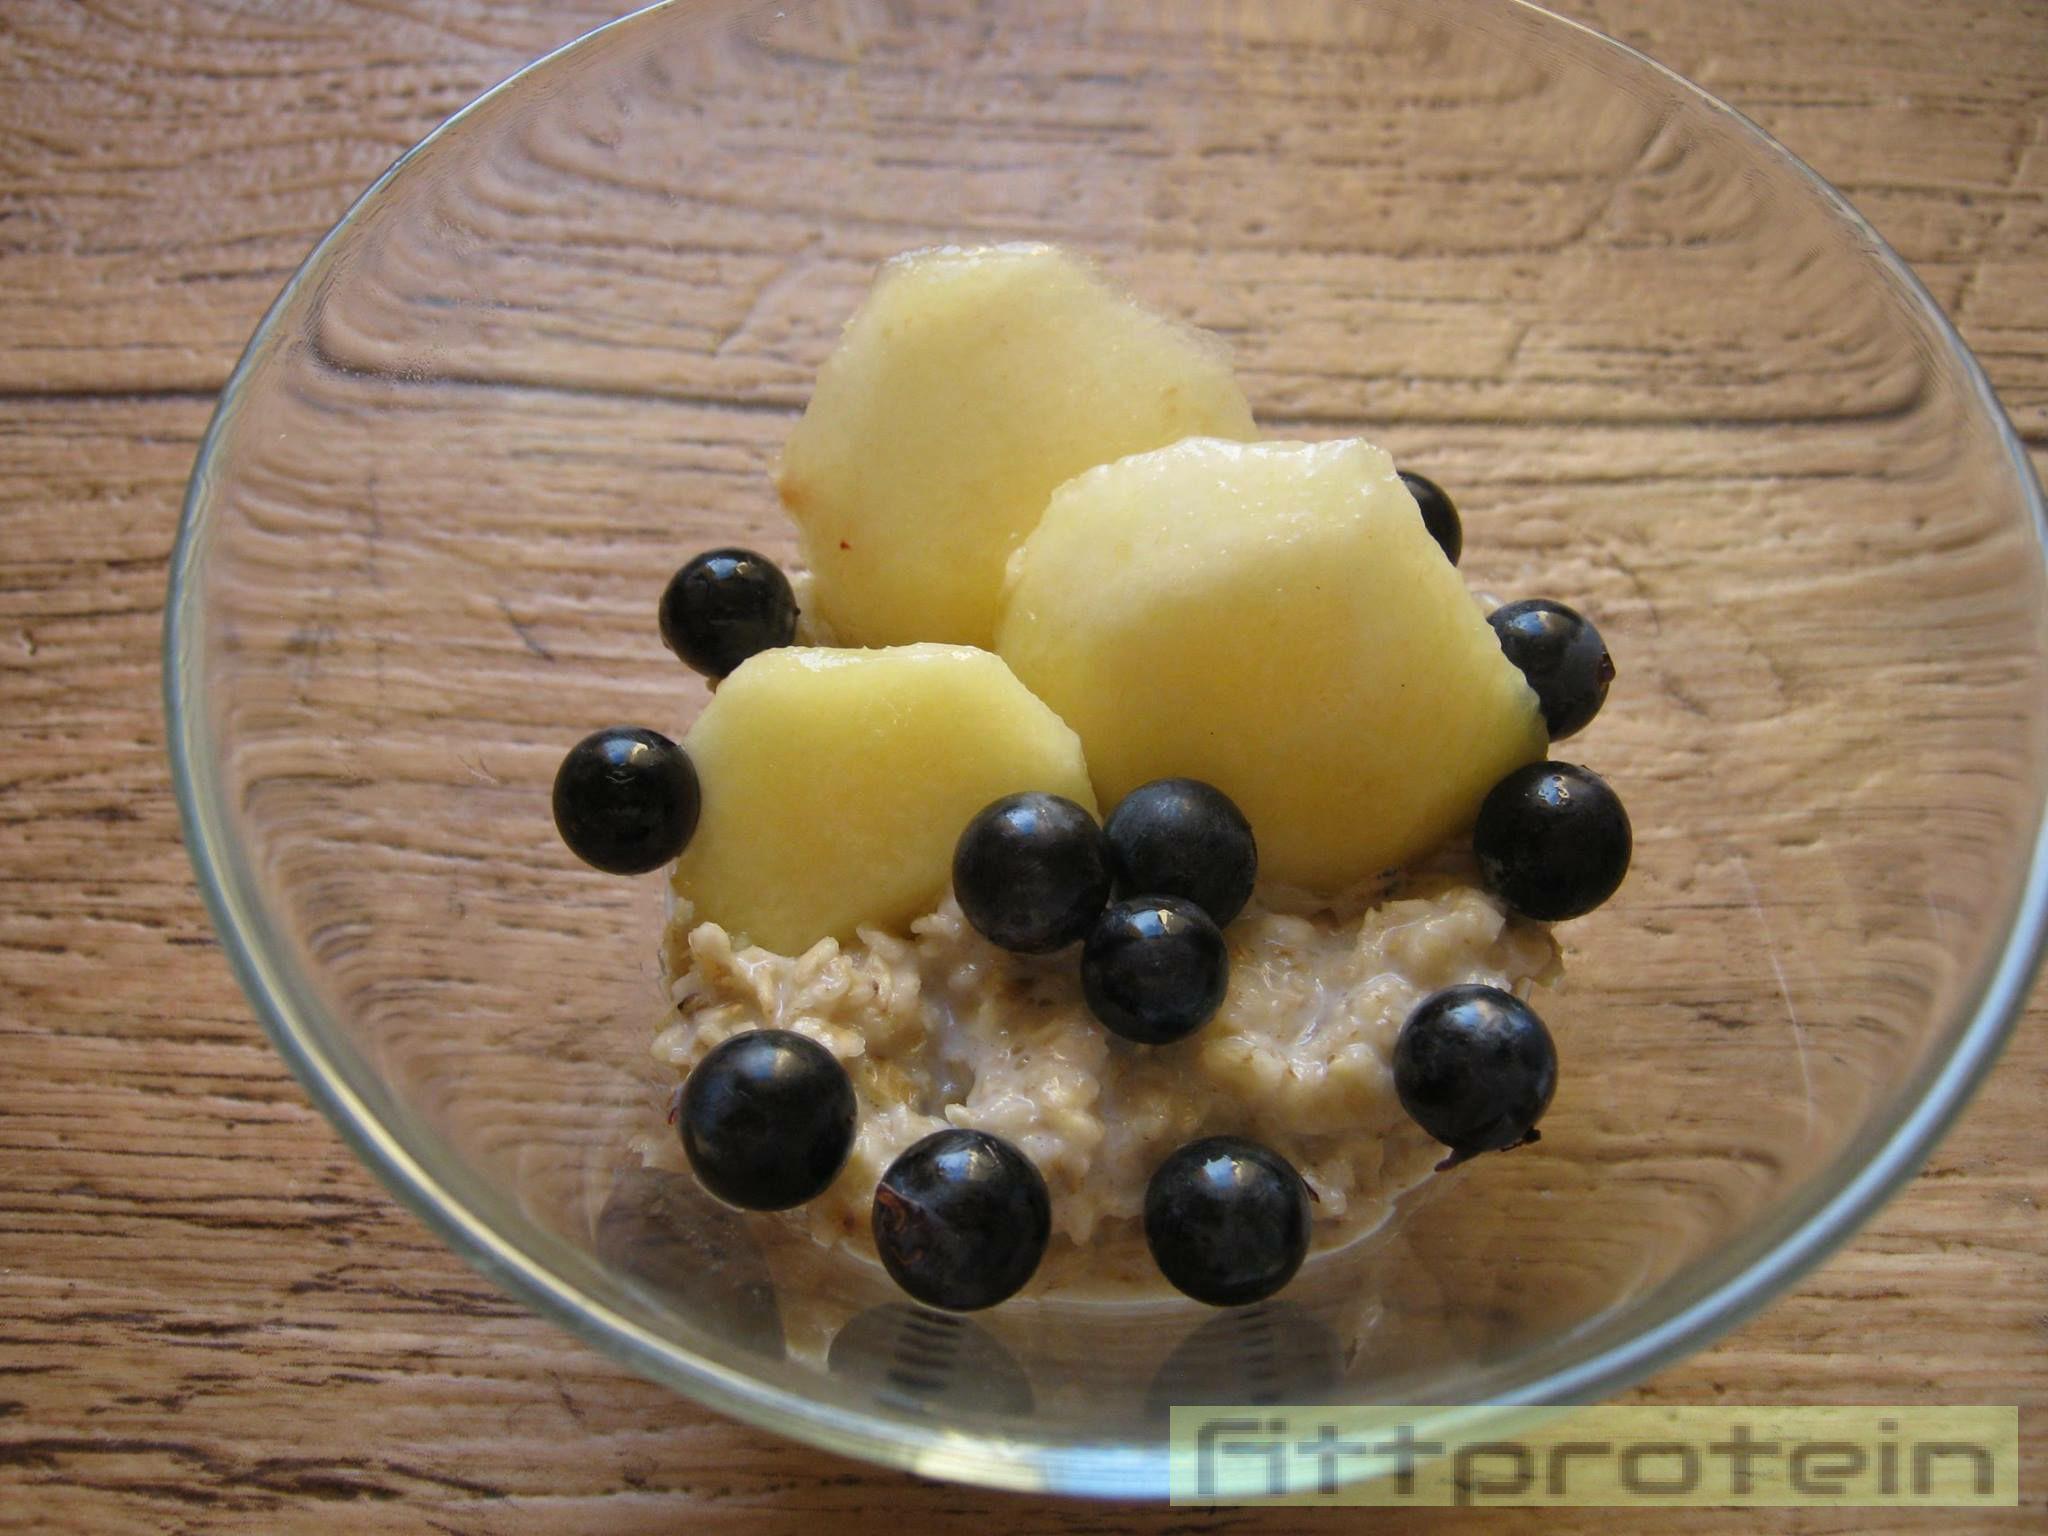 zabkása gyümölccsel a fehérje diétát kiegészítve